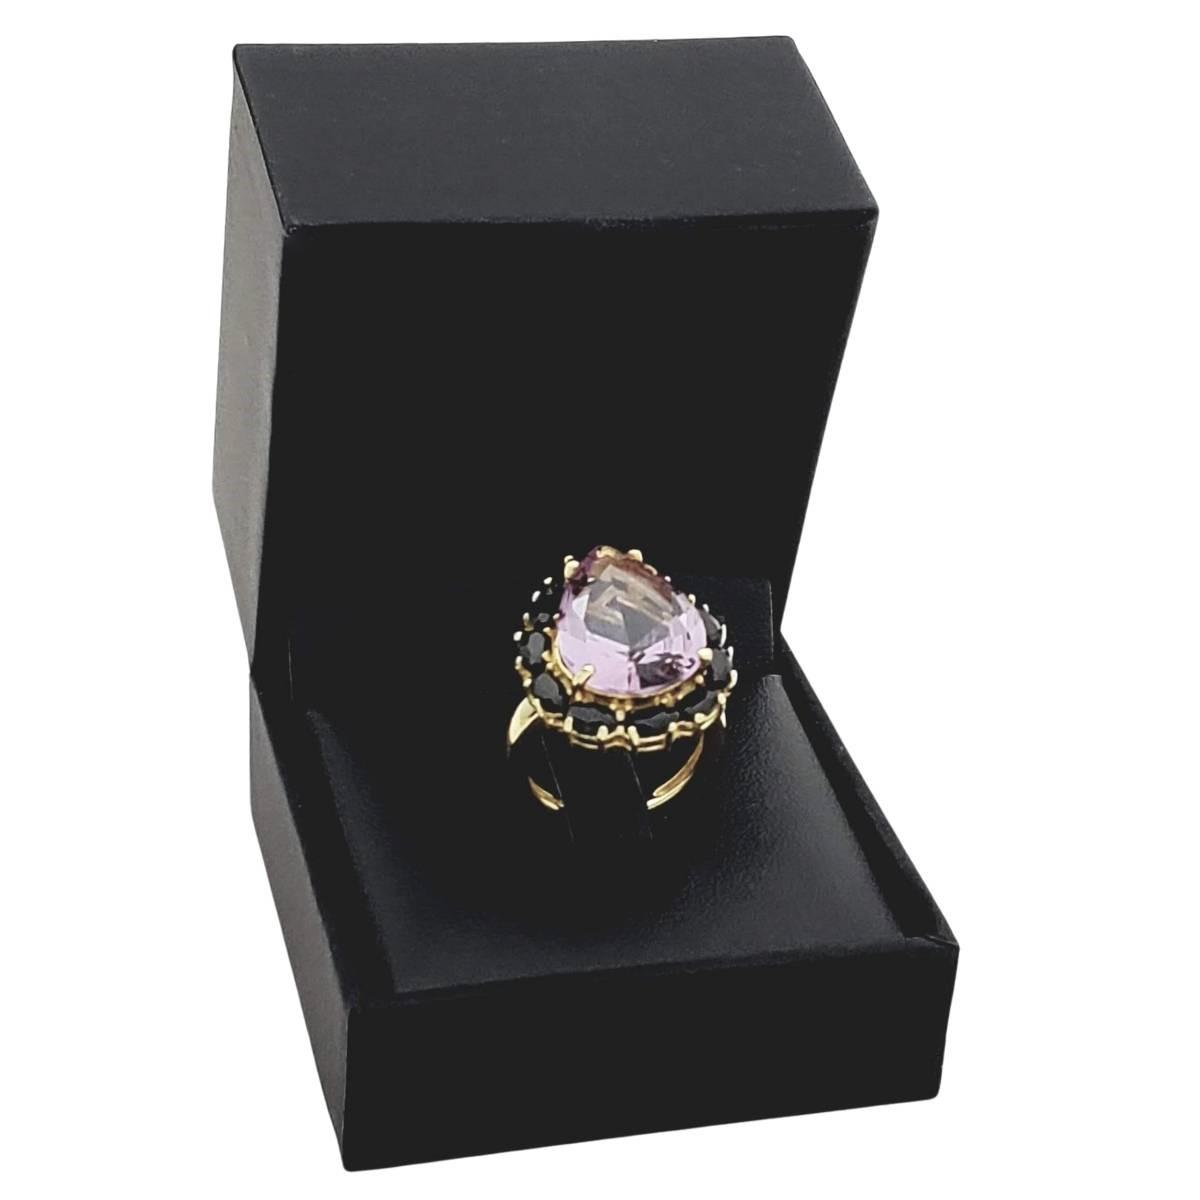 Anel Cristal Ametista Com Zirconias Negras Banho De Ouro 18k 2393